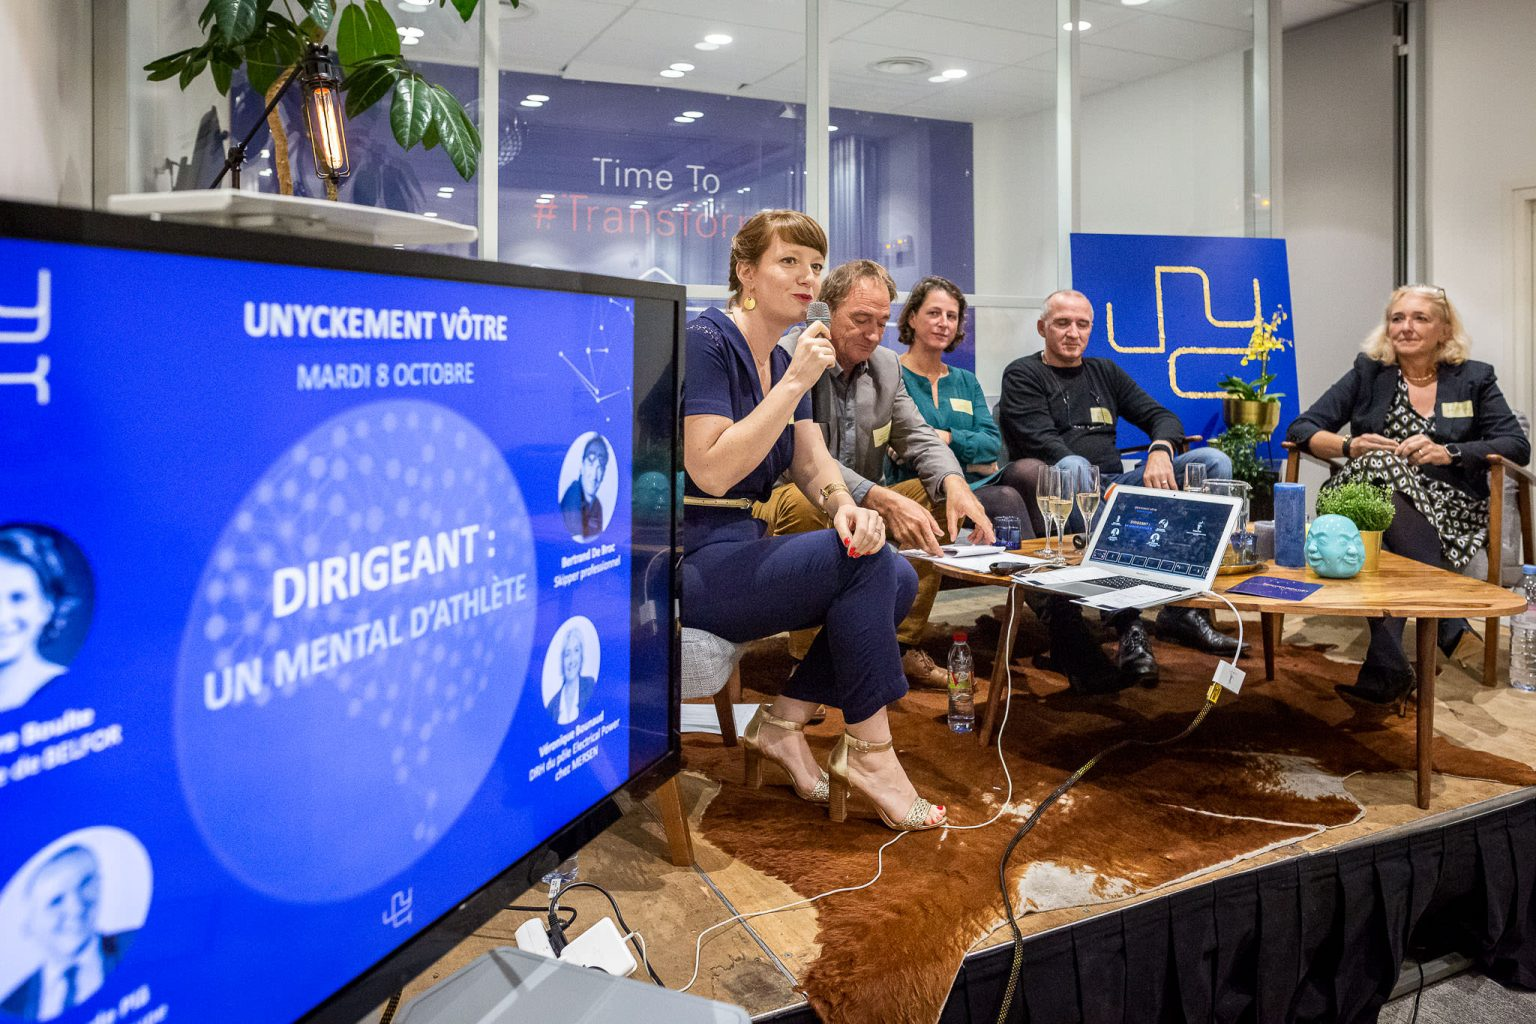 photographe événementiel paris corporate Unyck